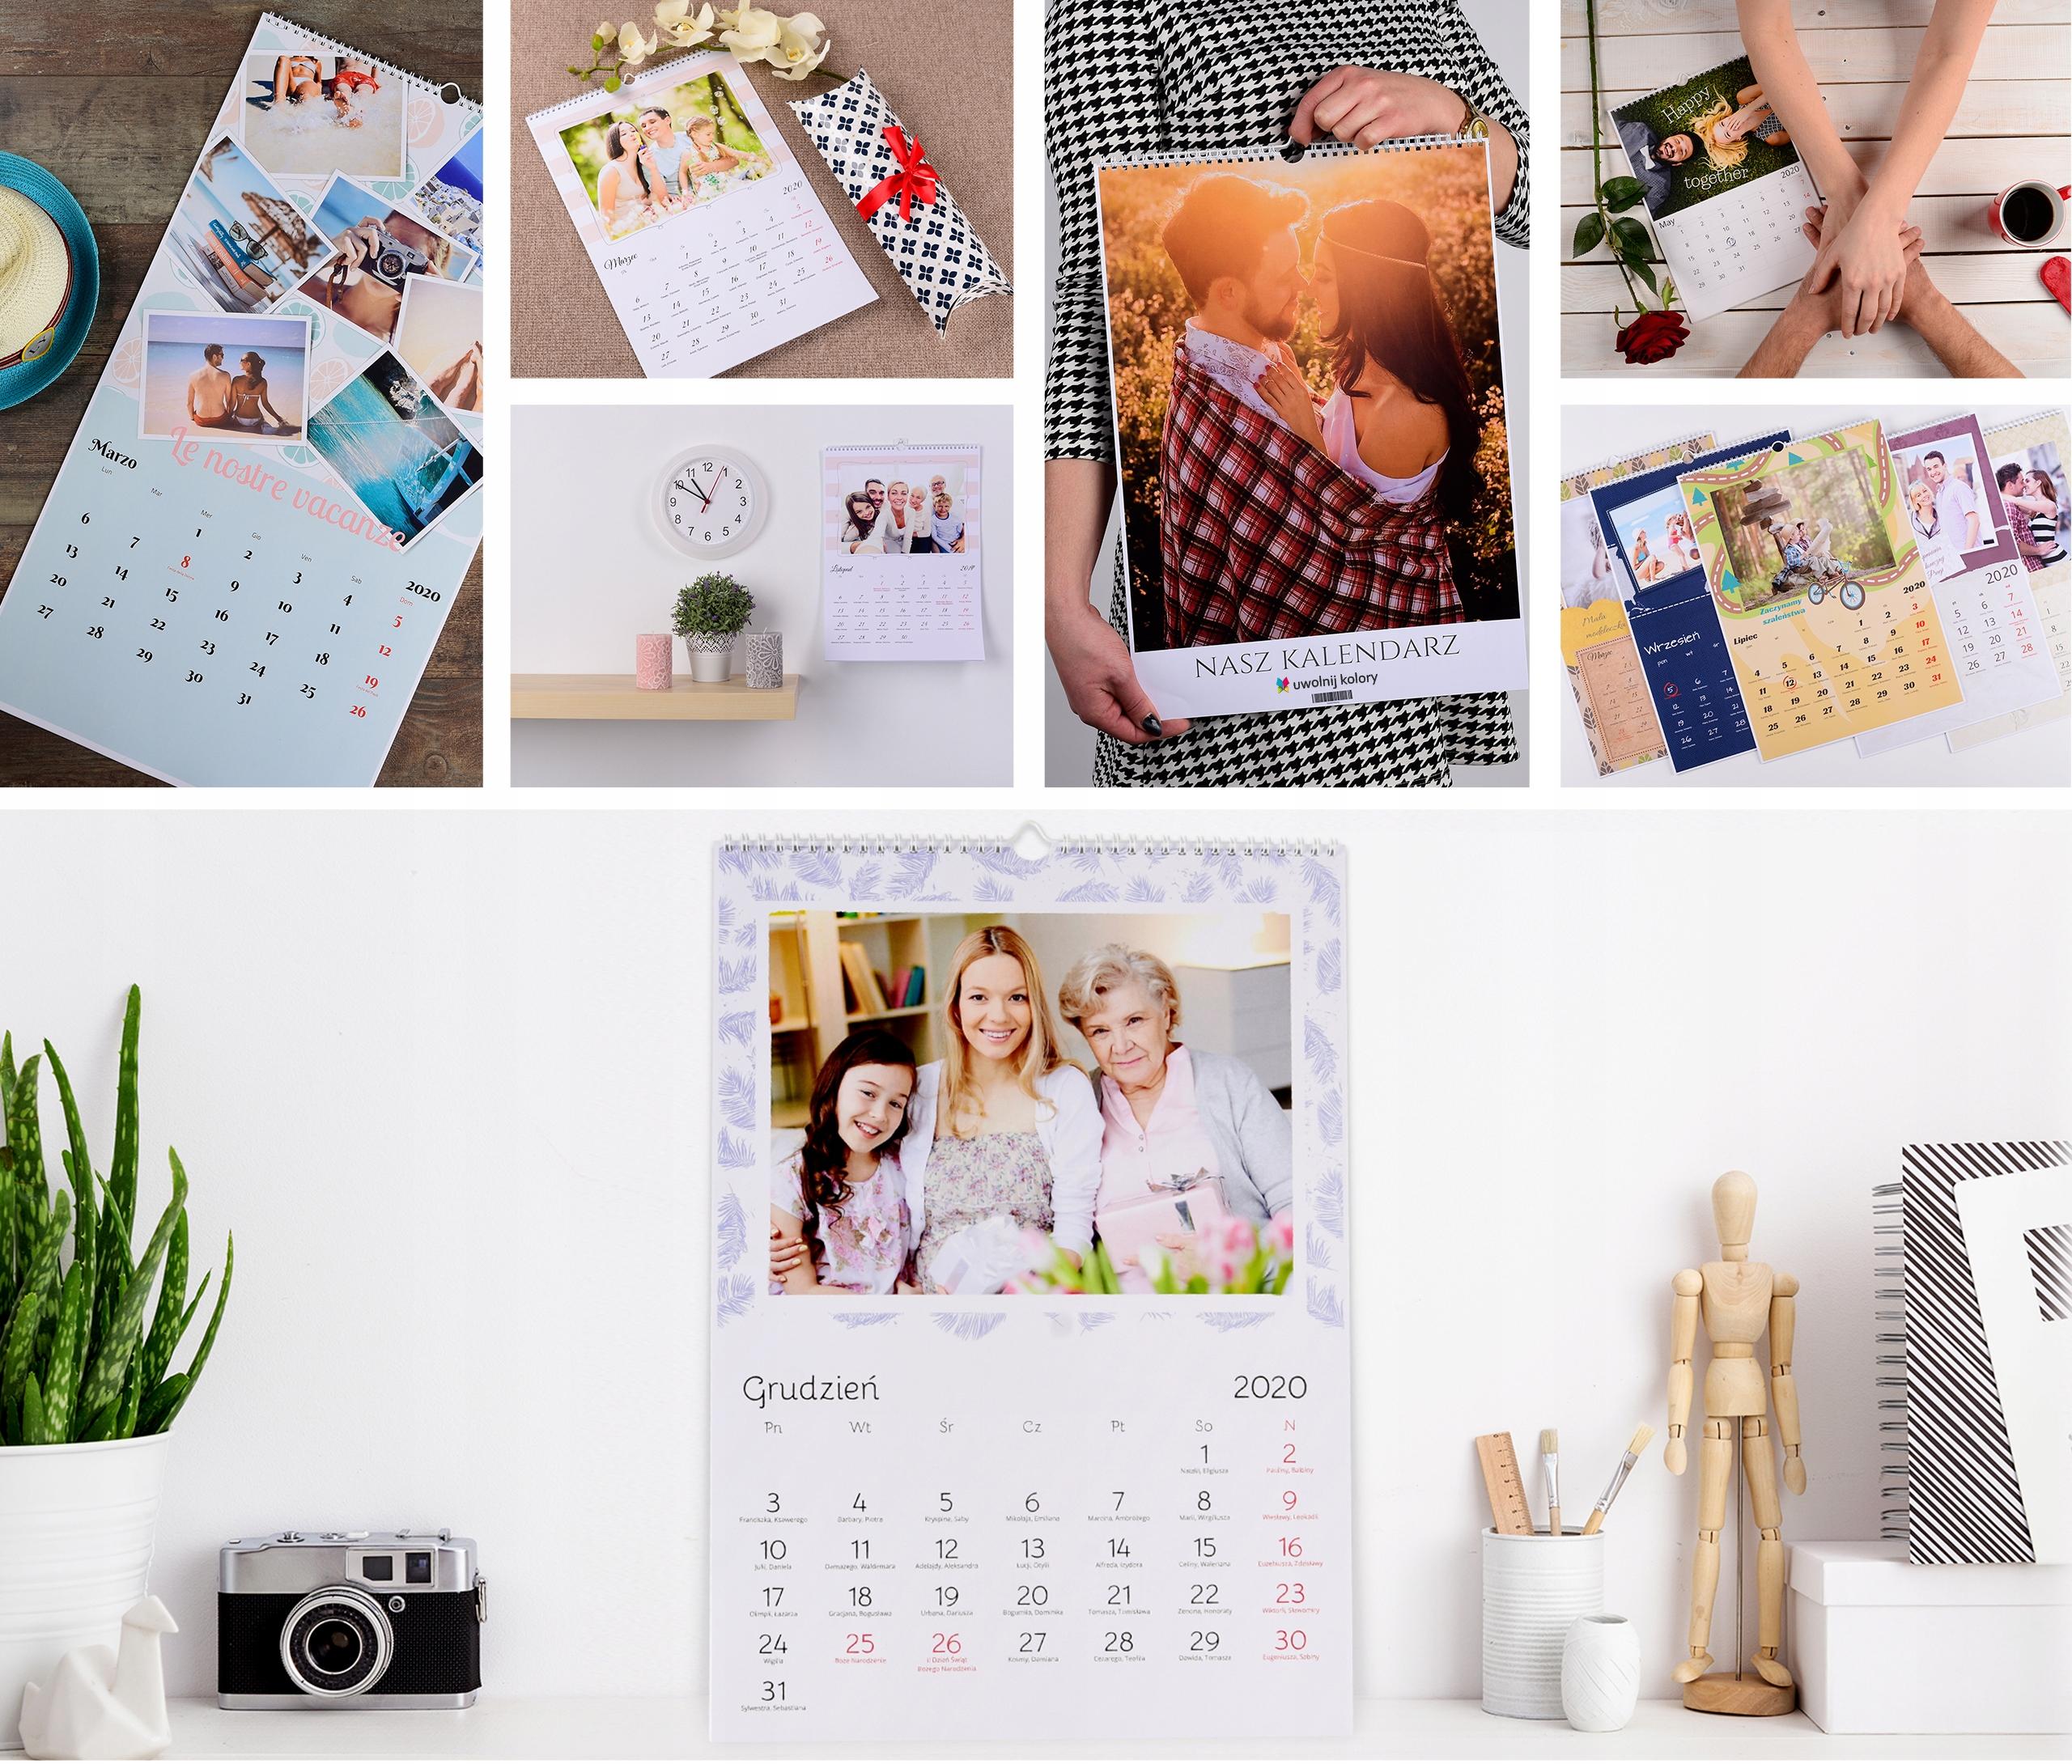 2x Фото-календарь А3+ ВАШИ ФОТОГРАФИИ, календари